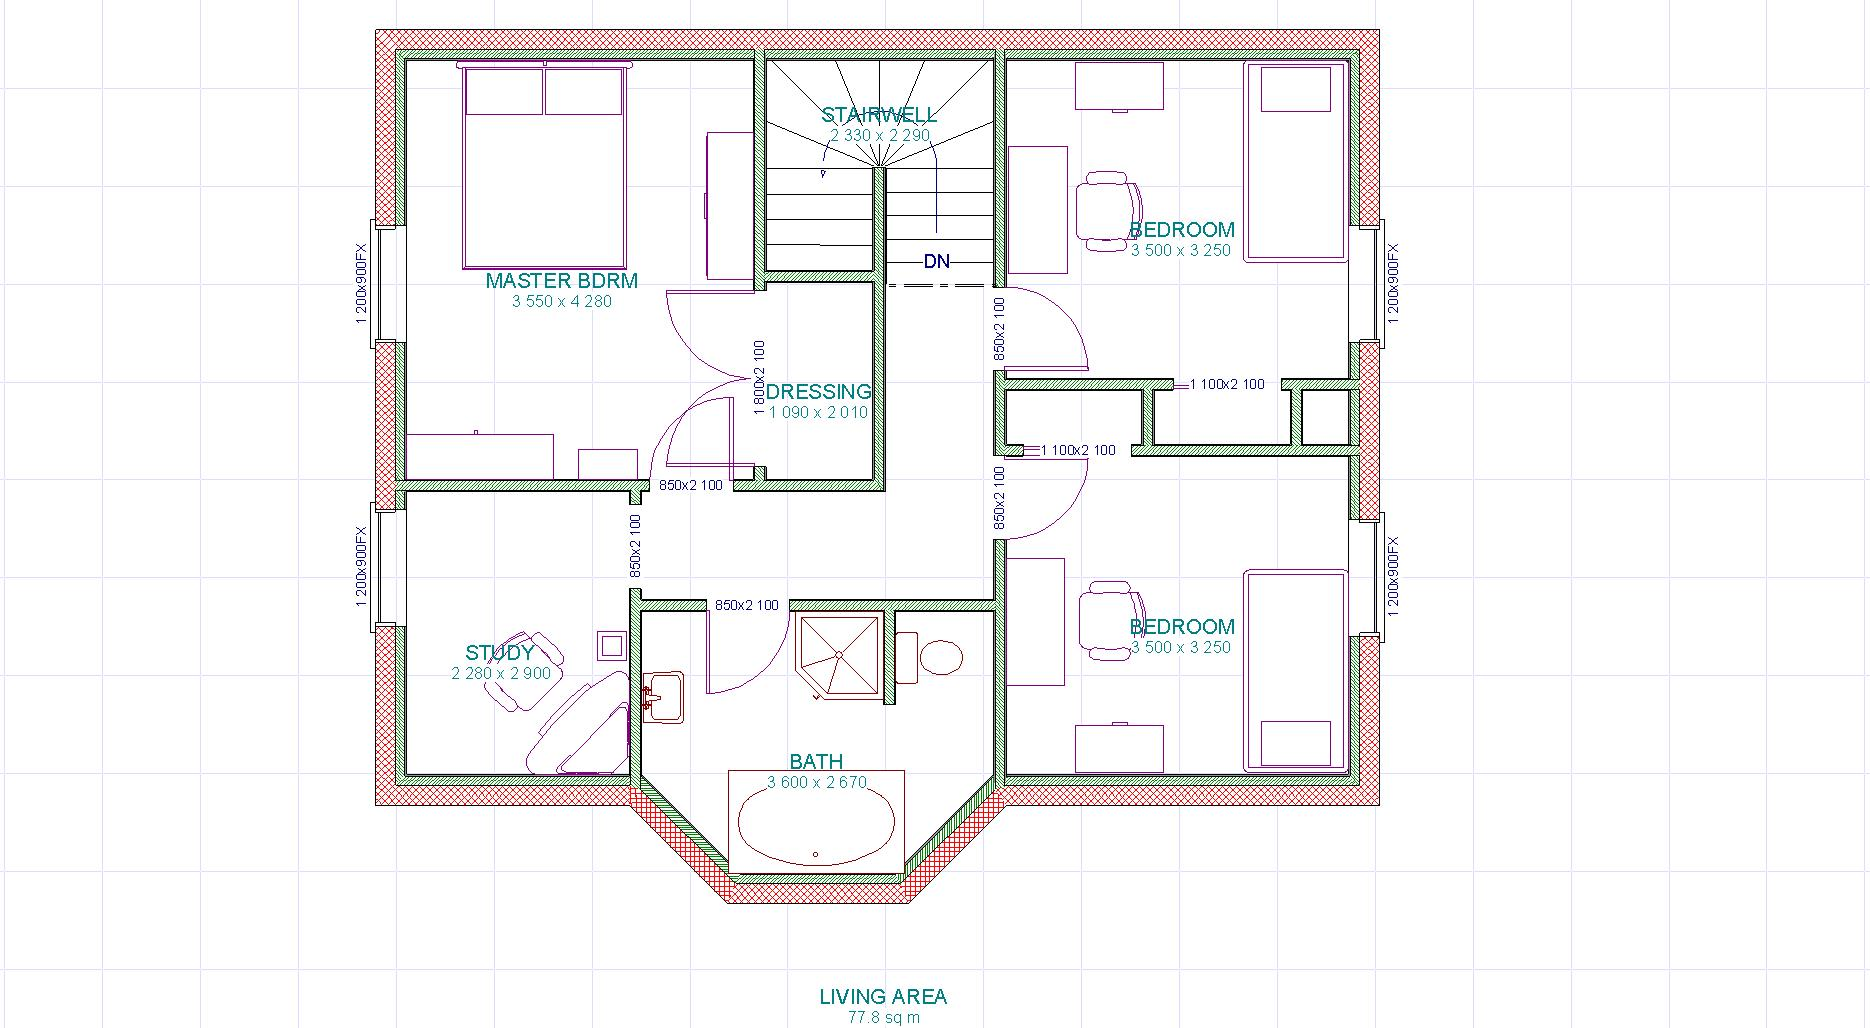 Dessiner plan de maison en ligne gratuit